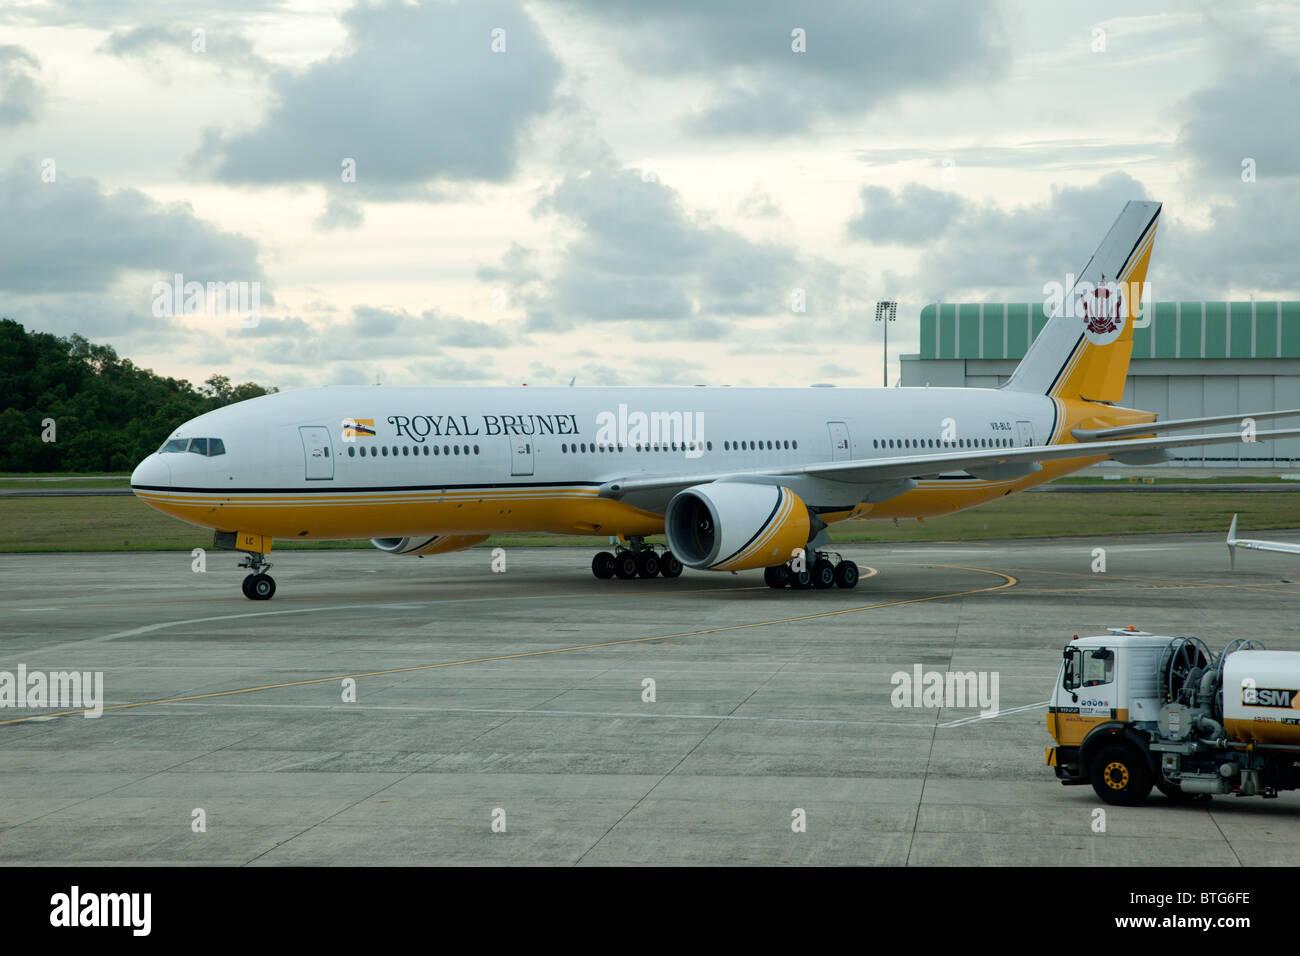 Boeing 777-212 of Royal Brunei Airlines at Bandar Seri Begawan Airport, Brunei - Stock Image